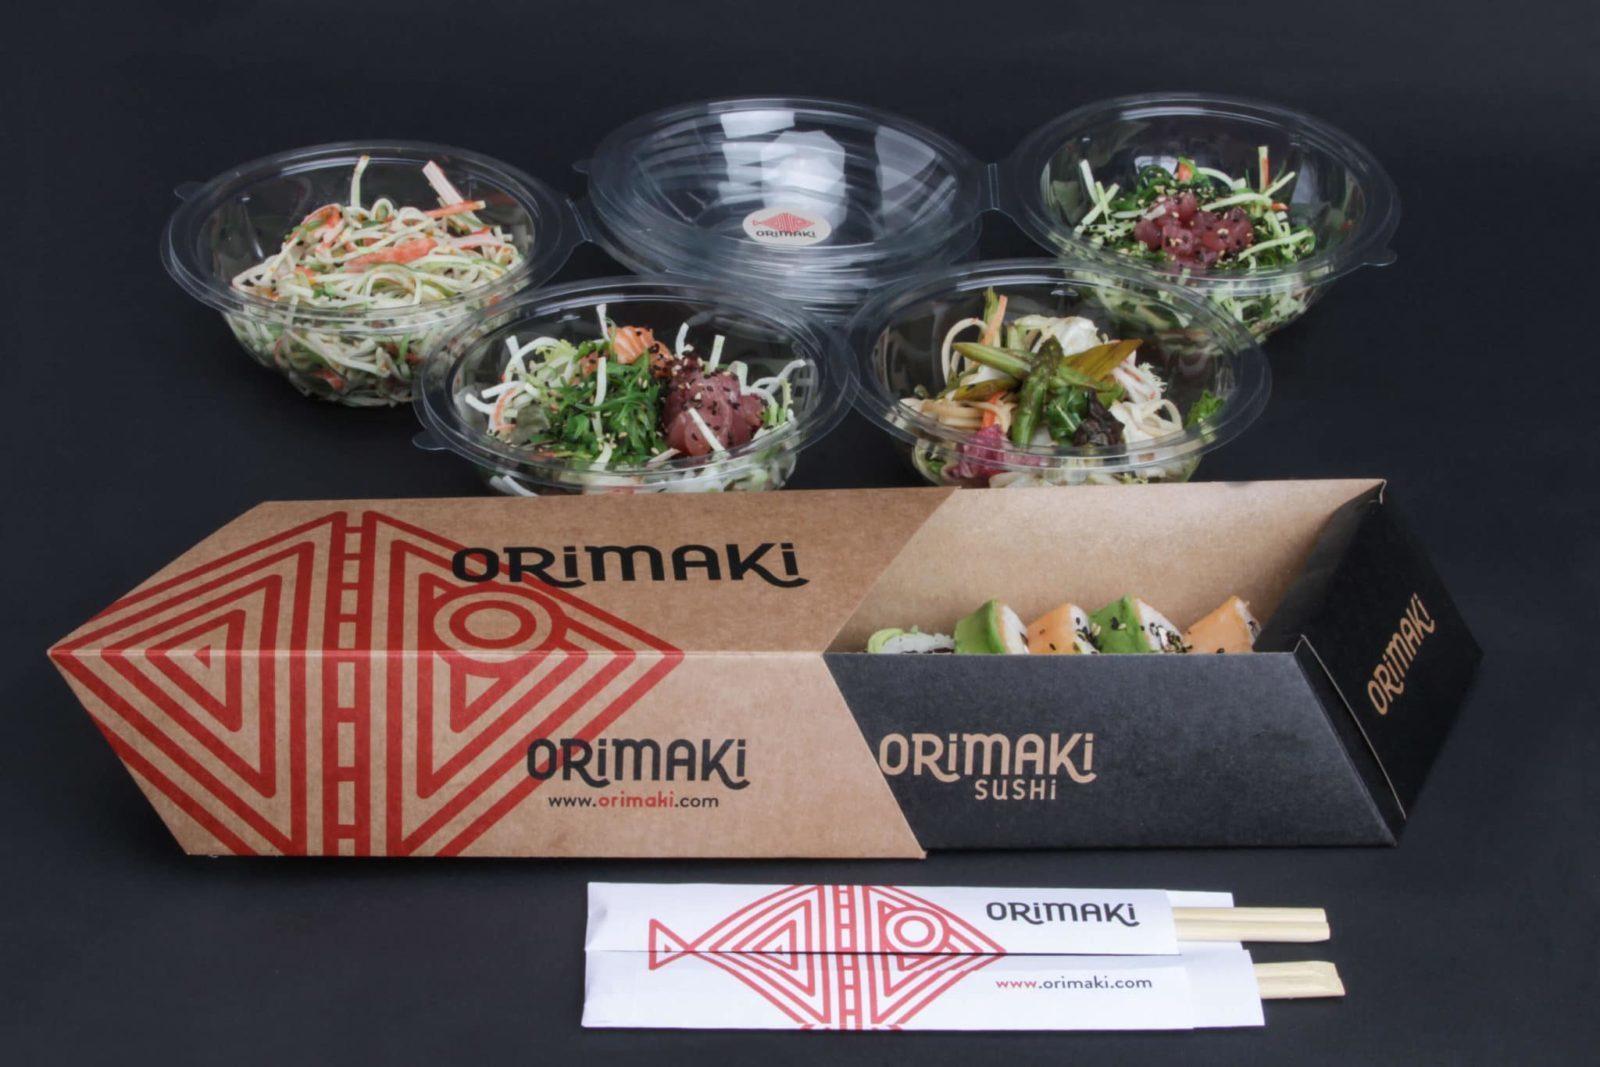 diseño de packaging par restaurantes y otras empresas alimenticias